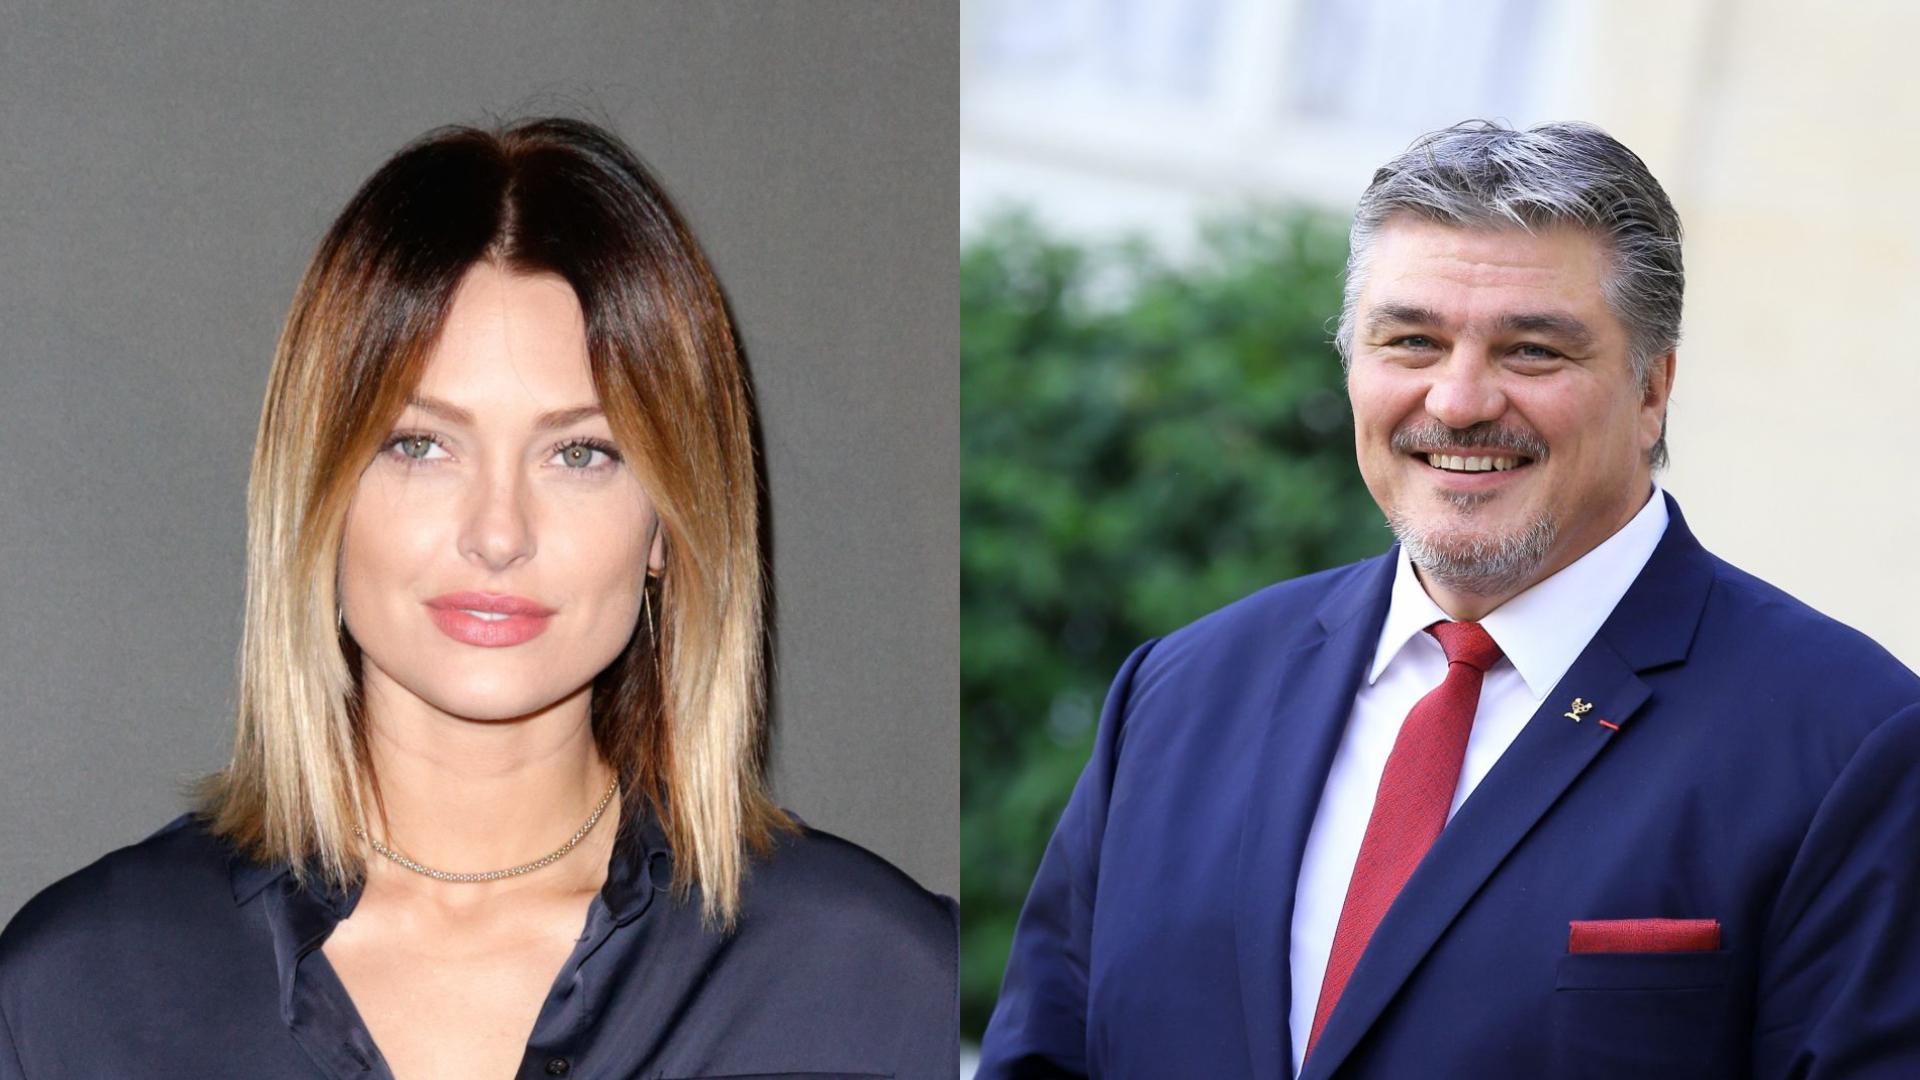 Top Chef : Quelles stars seront aux côtés de Caroline Receveur dans la version célébrité ?